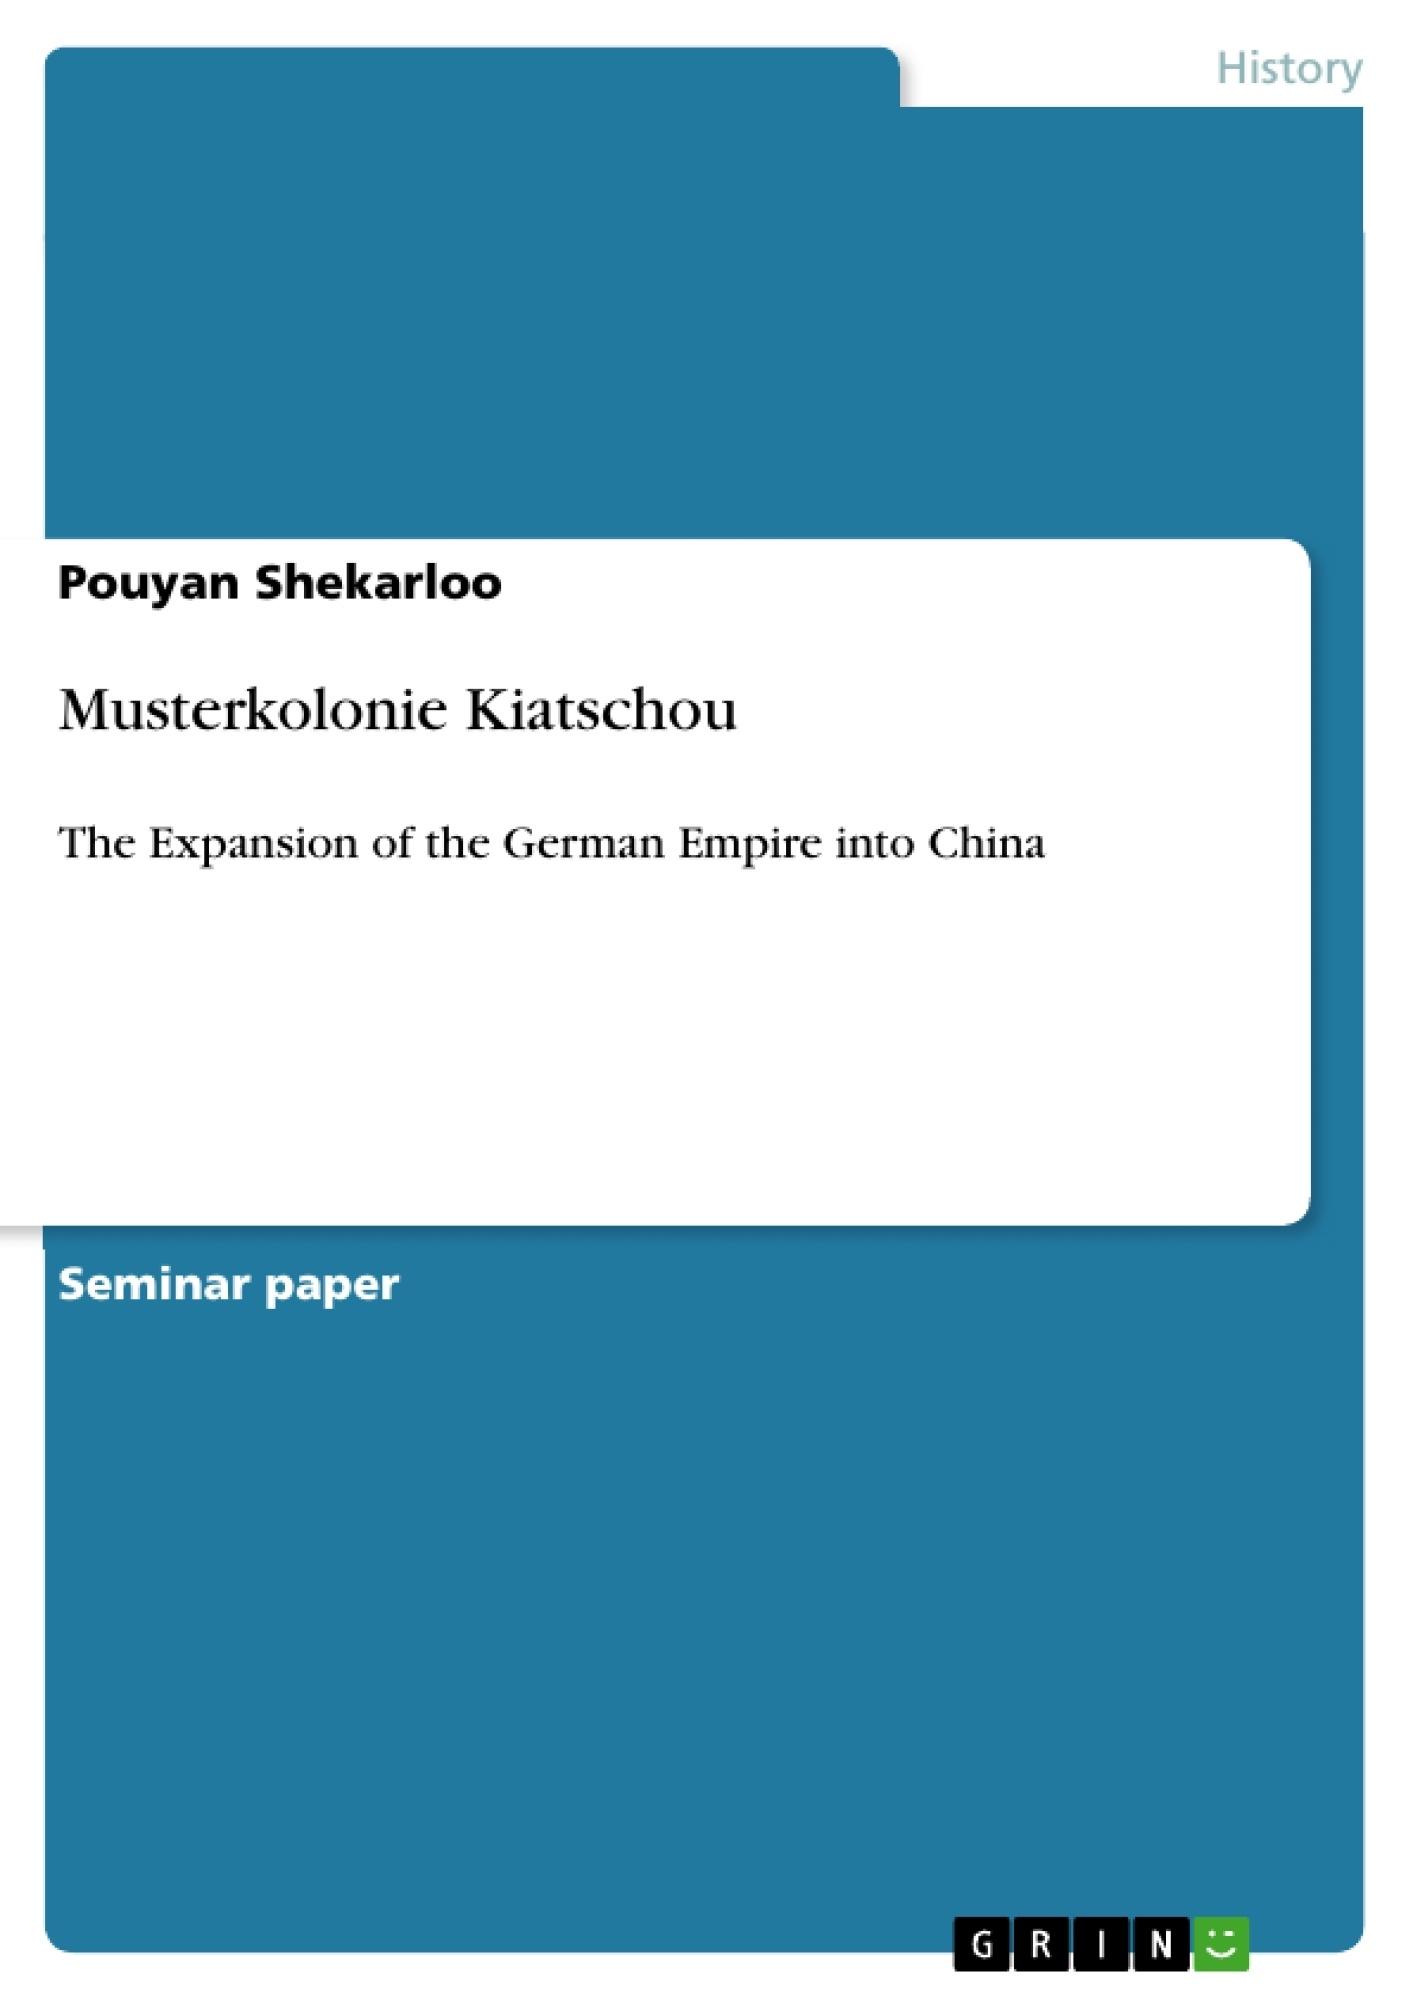 Title: Musterkolonie Kiatschou